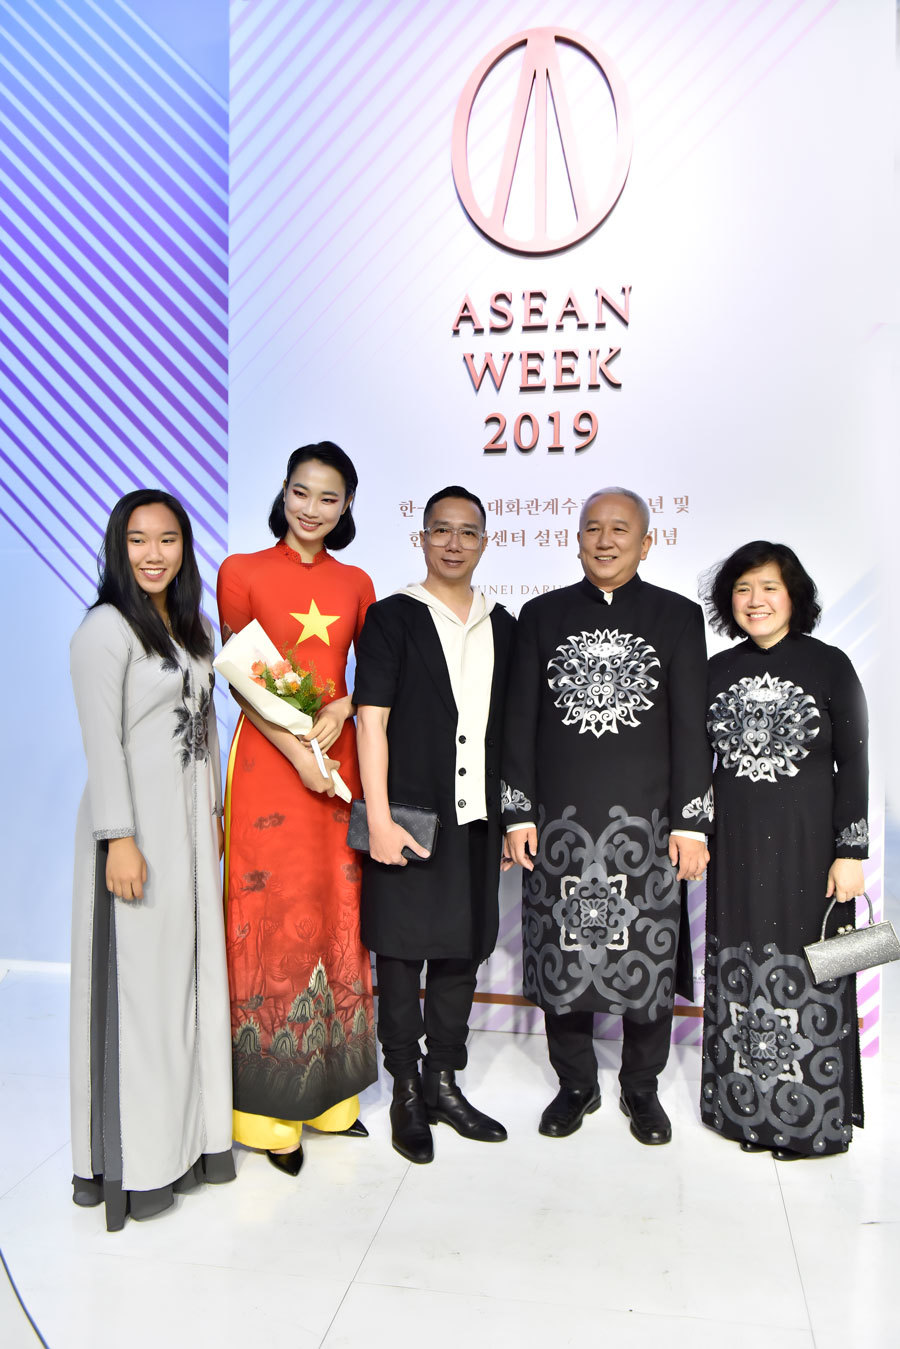 Thiết kế Việt mở màn tuần lễ Asean Week 2019